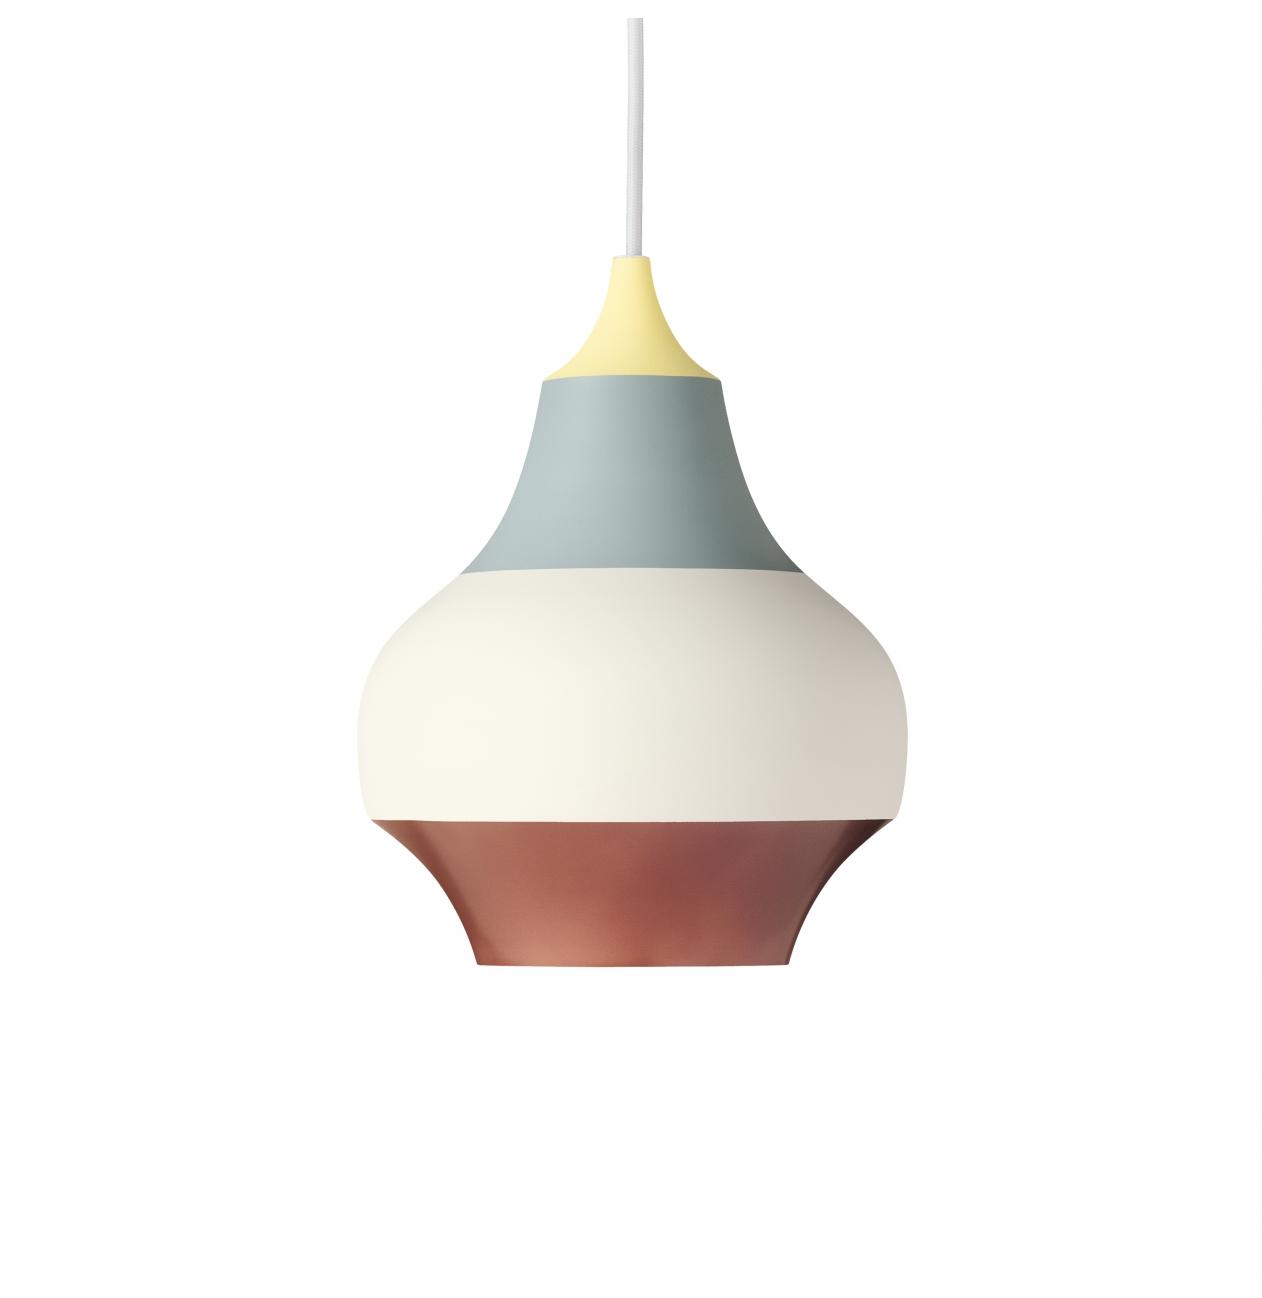 louis poulsen hanglamp cirque versteeg lichtstudio. Black Bedroom Furniture Sets. Home Design Ideas